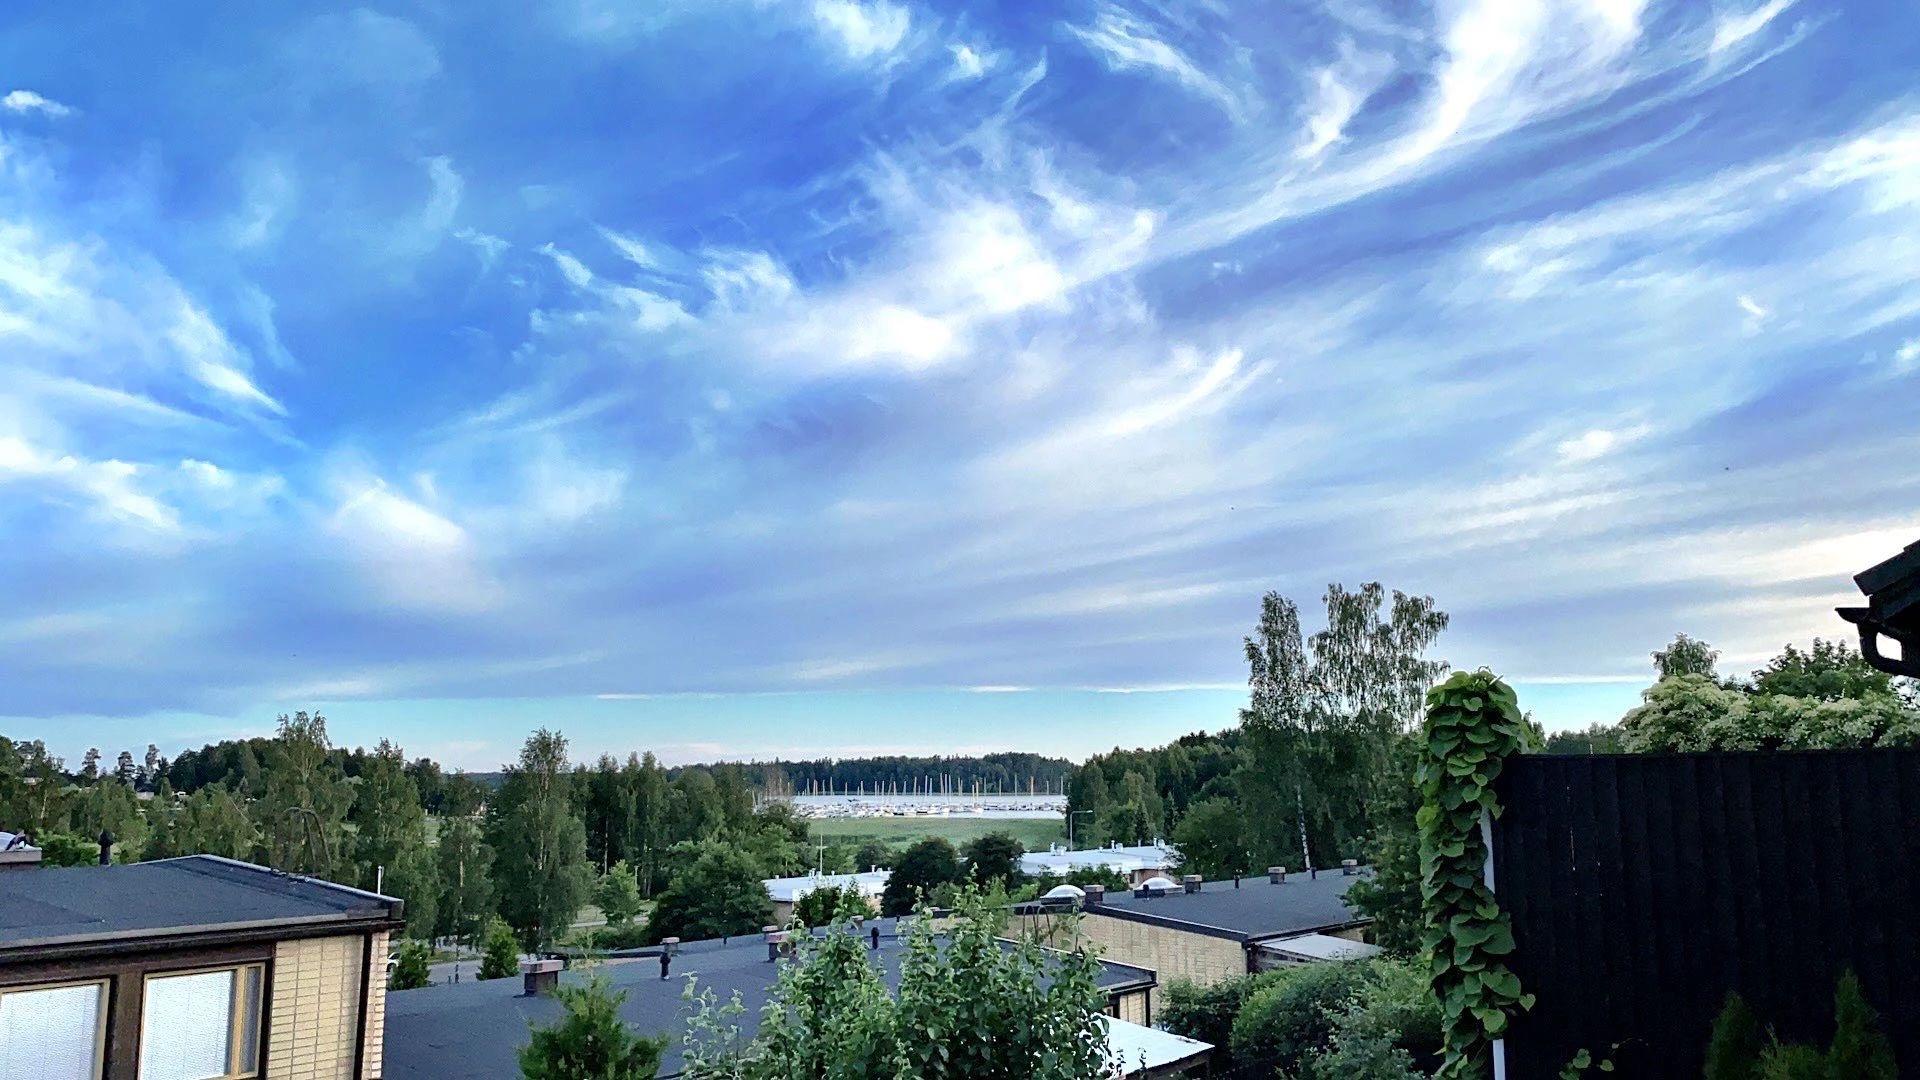 【照片墙】2021年7月-美丽的Lokka湖&登录芬兰一周年&皮皮顺利抵达芬兰!